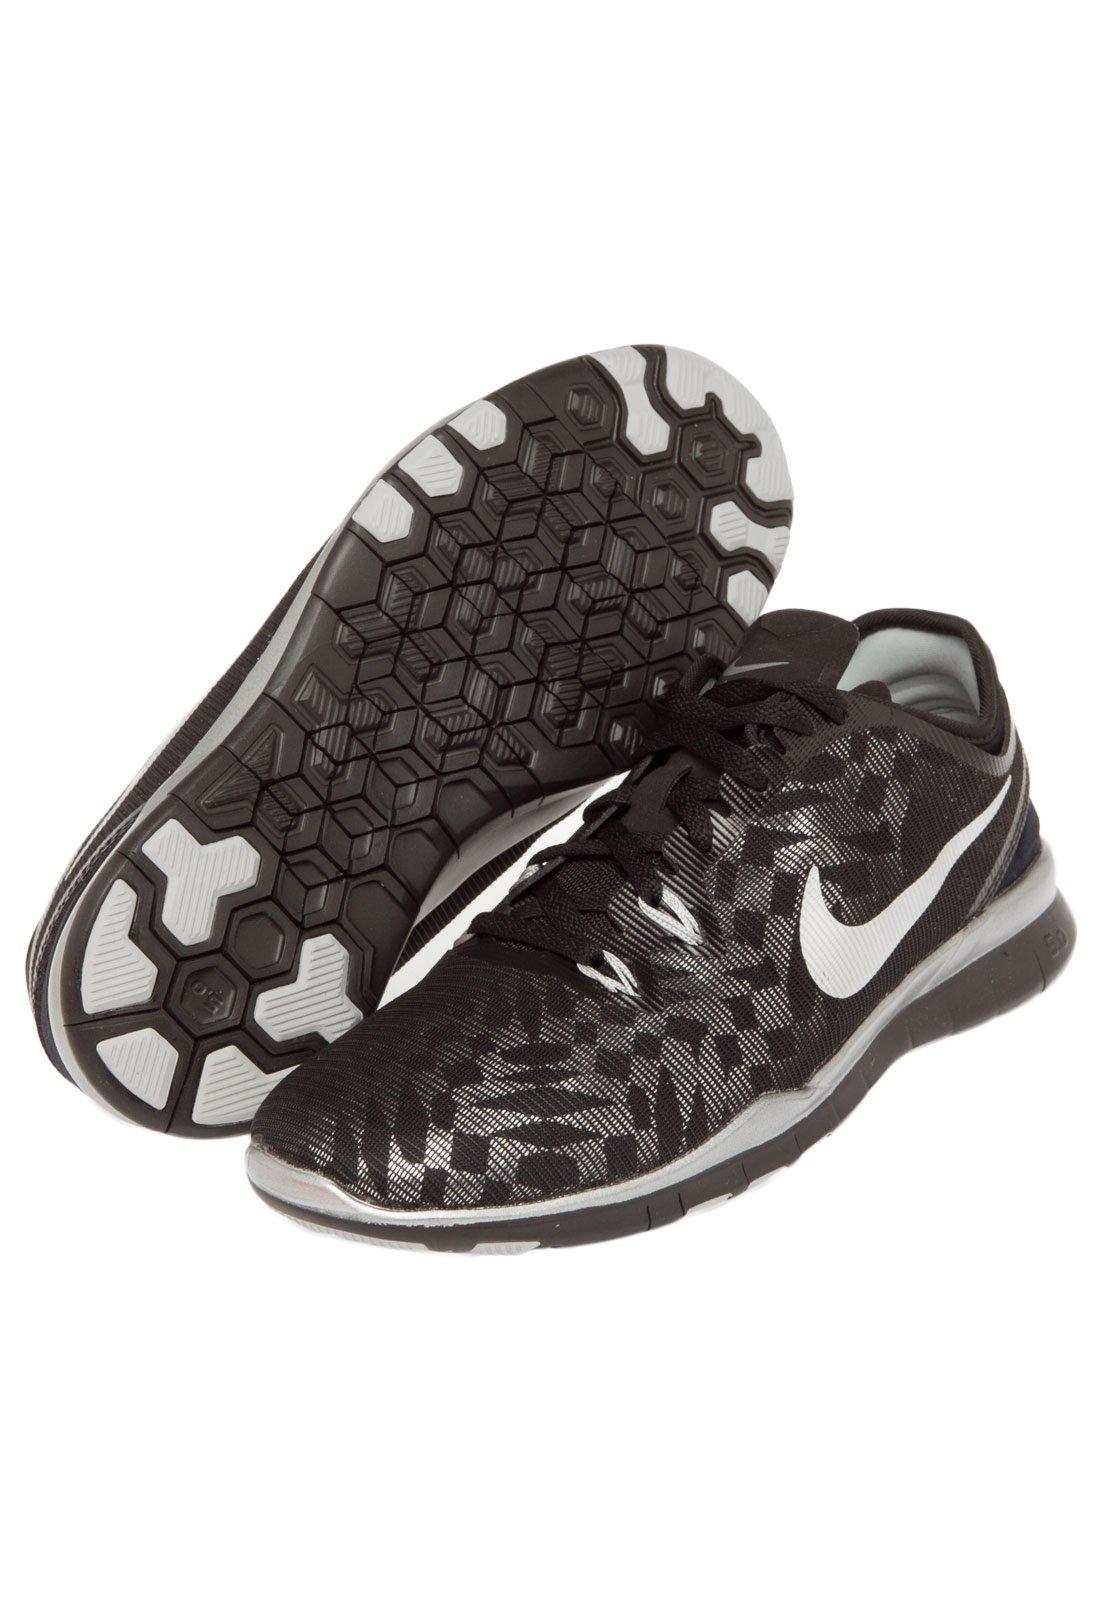 Comerciante itinerante Hombre Tranquilizar  Tênis Nike WMNS Free 5.0 TR FIT 5 MTLC Preto - Compre Agora | Kanui Brasil